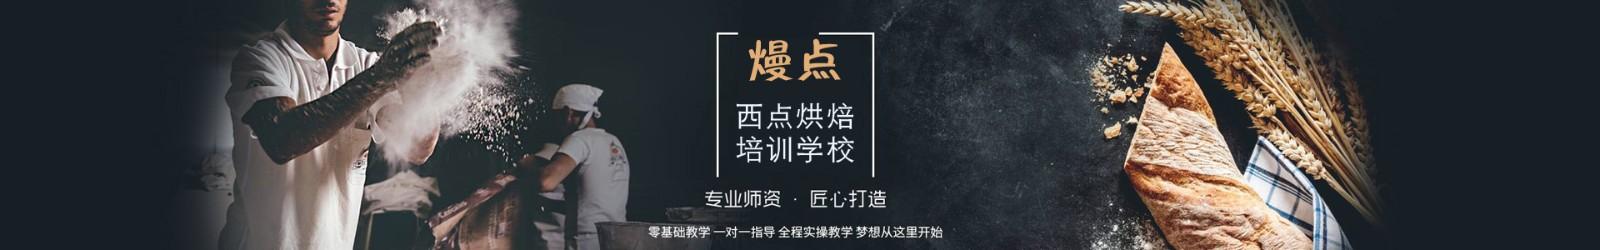 广州熳点西点蛋糕烘焙学校 横幅广告